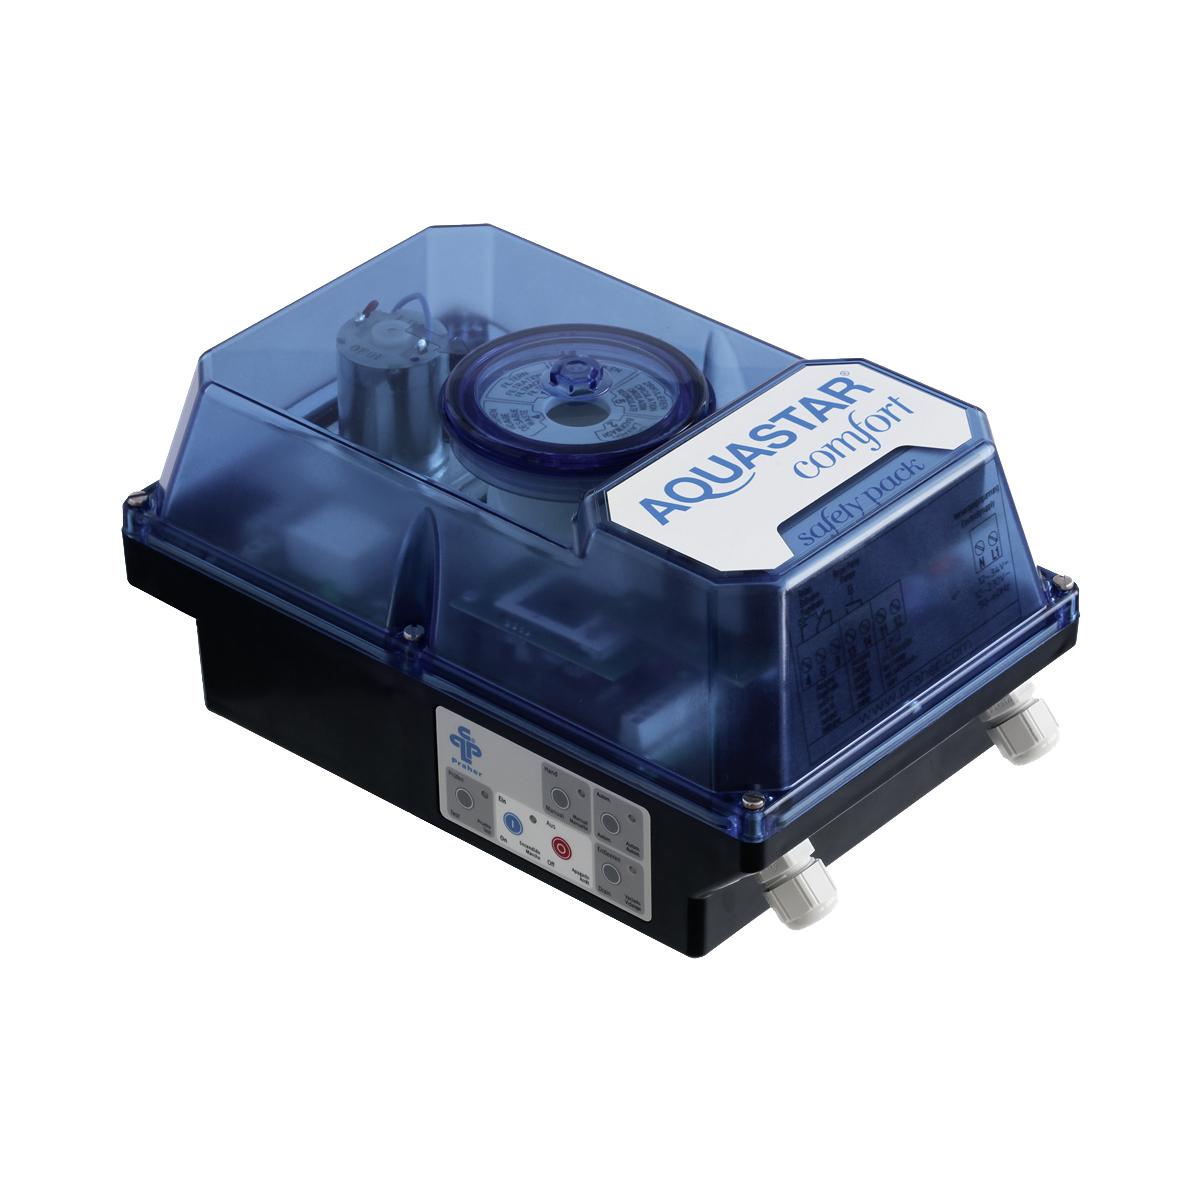 """AquaStar Comfort 6501-230 für Ocean V6 ND 1 1/2"""" + 2"""" 100-240 VAC SafetyPack, Zeit+Pumpe-Uhr + Druck-Schalter AquaStar Comfort 6501-230 für Ocean V6 ND 1 1/2"""" + 2"""" 100-240 VAC SafetyPack, Zeit+Pumpe-Uhr + Druck-Schalter"""